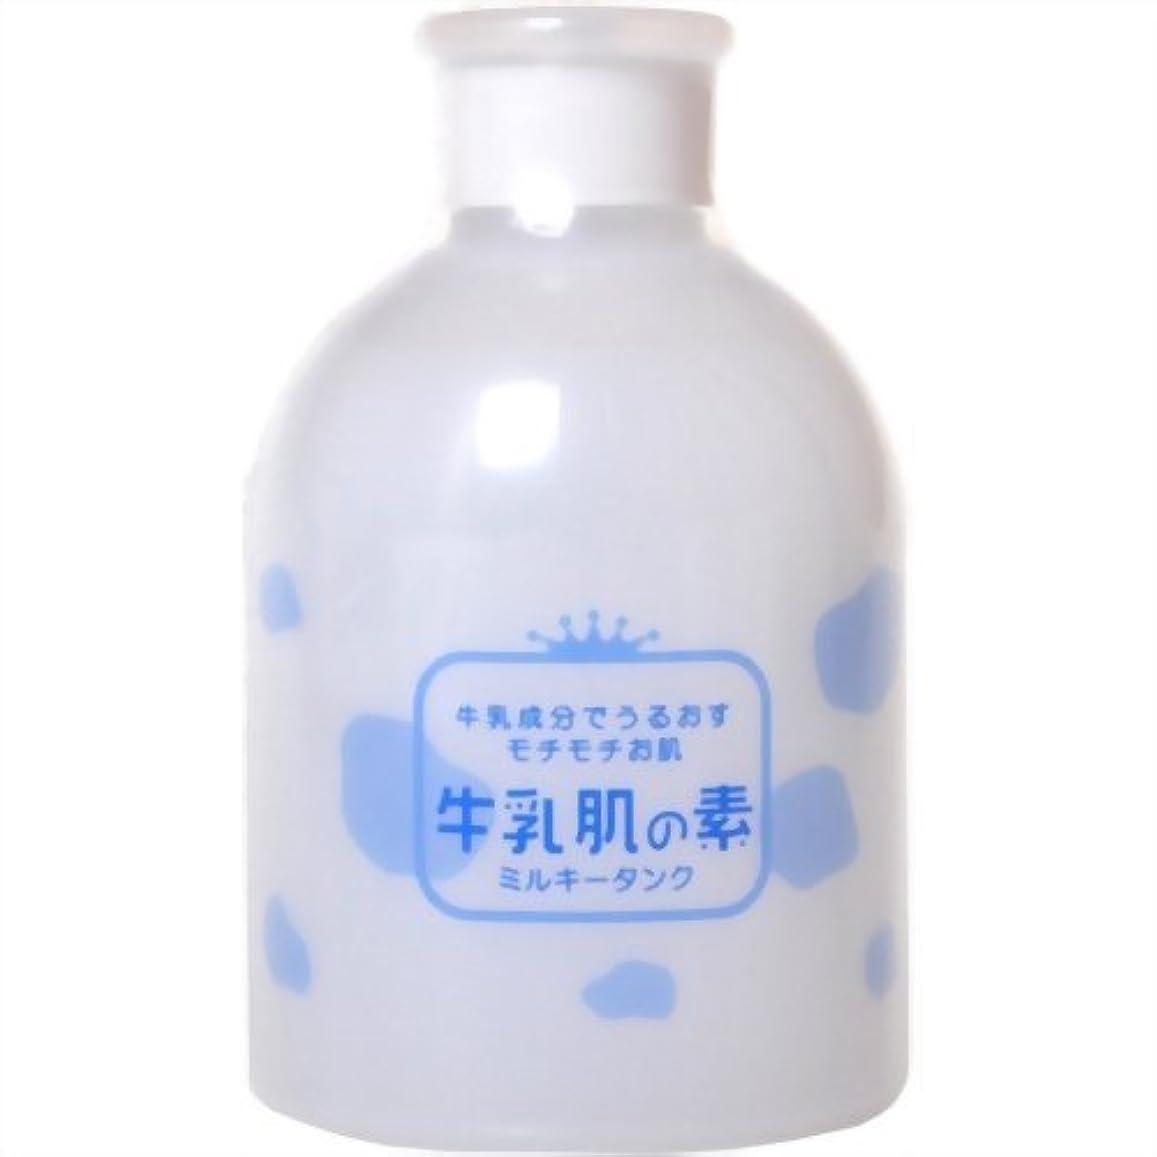 クレーン意識的ぼろ牛乳肌の素 ミルキータンク(化粧水) 300ml